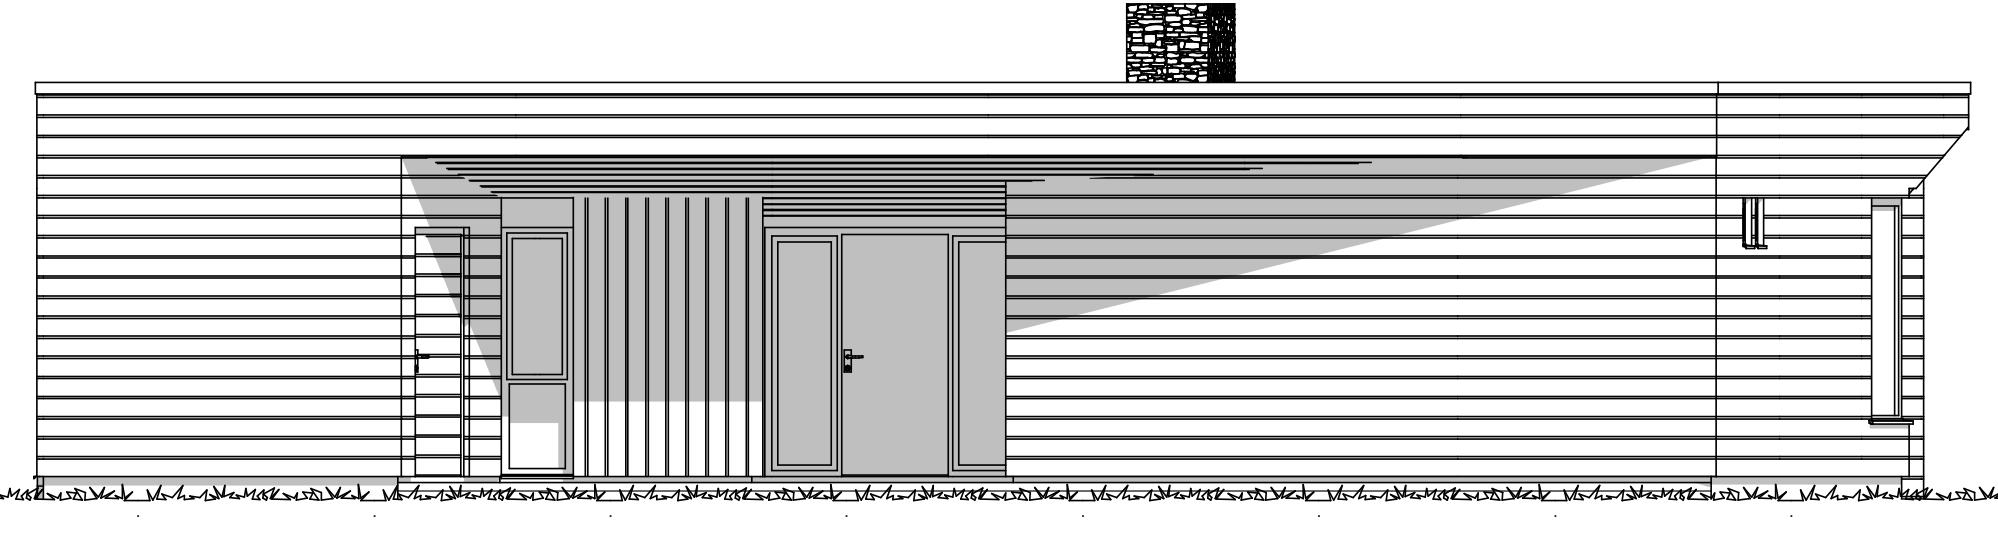 16-Svaberg+fasade+3+katalog.jpg